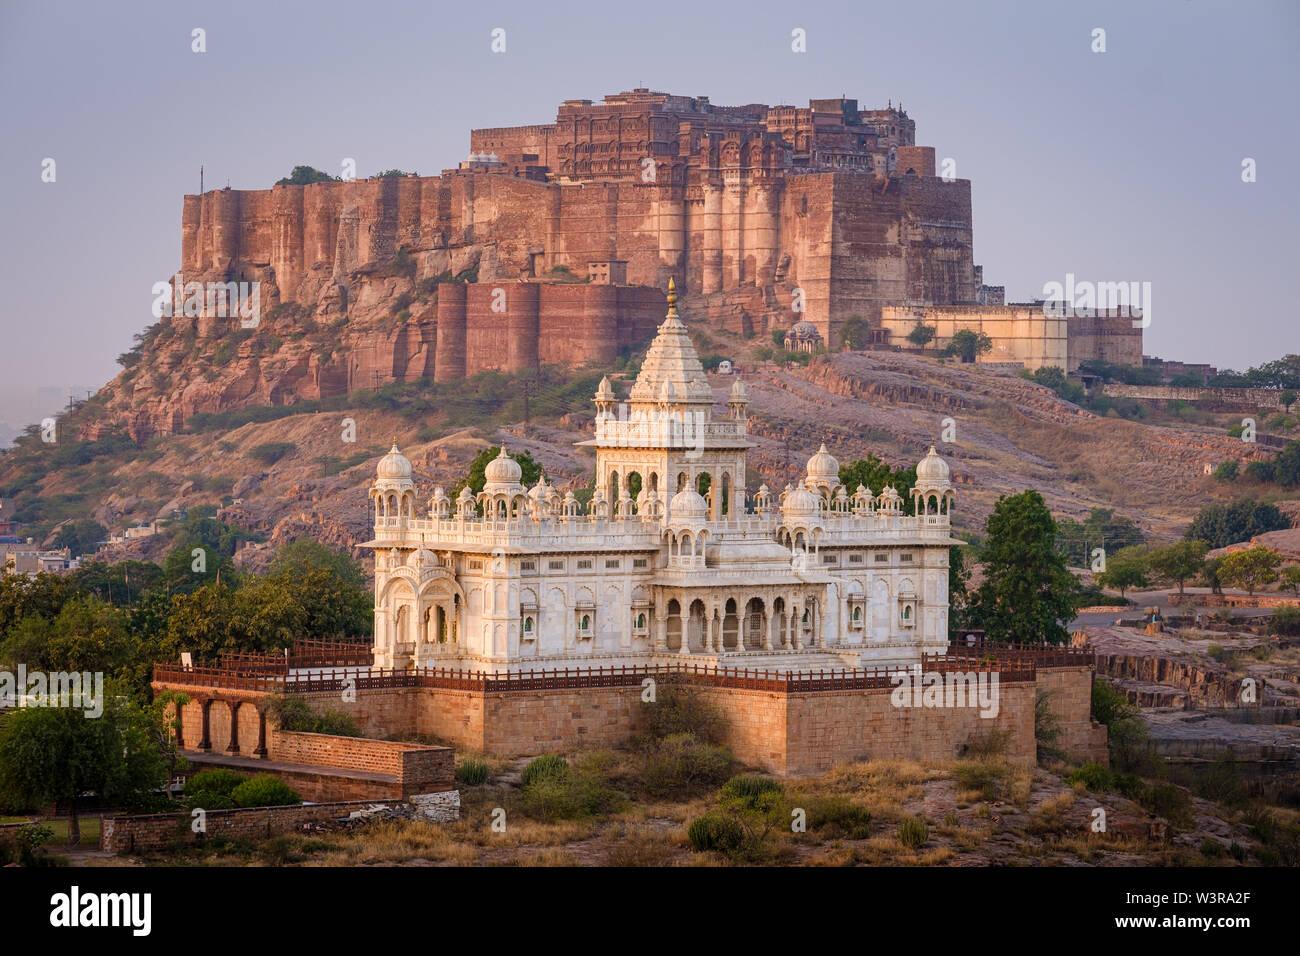 JODHPUR, INDIA - CIRCA NOVEMBRE 2018: Jaswant Thada Memorial e il Forte Mehrangarh in Jodphur. odhpur è la seconda più grande città nello stato indiano Foto Stock